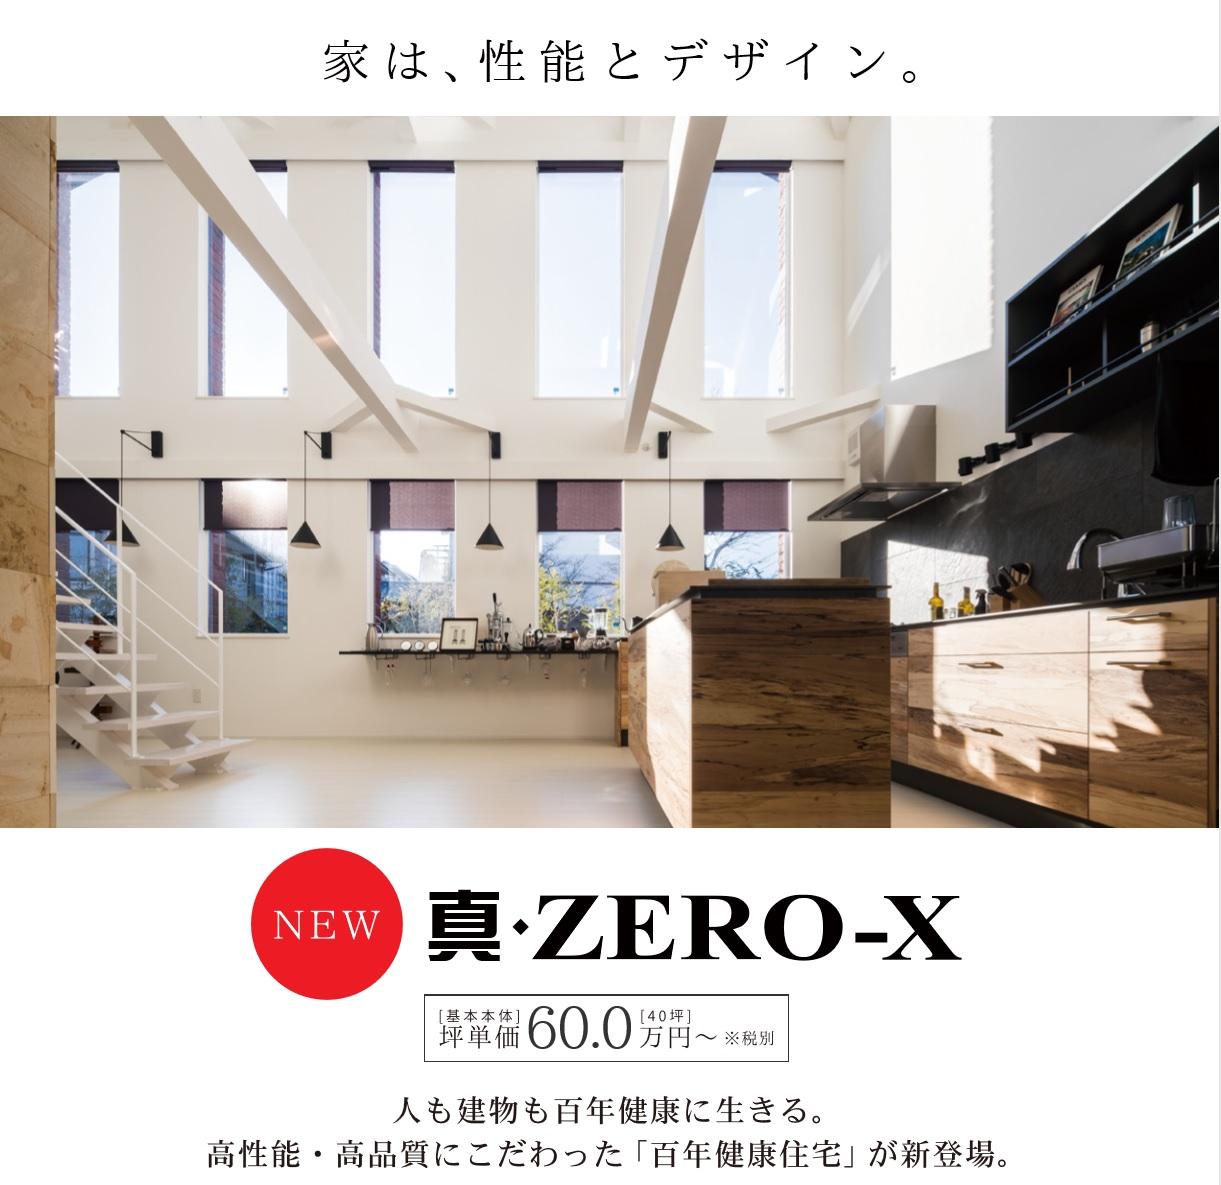 新商品『真・ZERO-X』